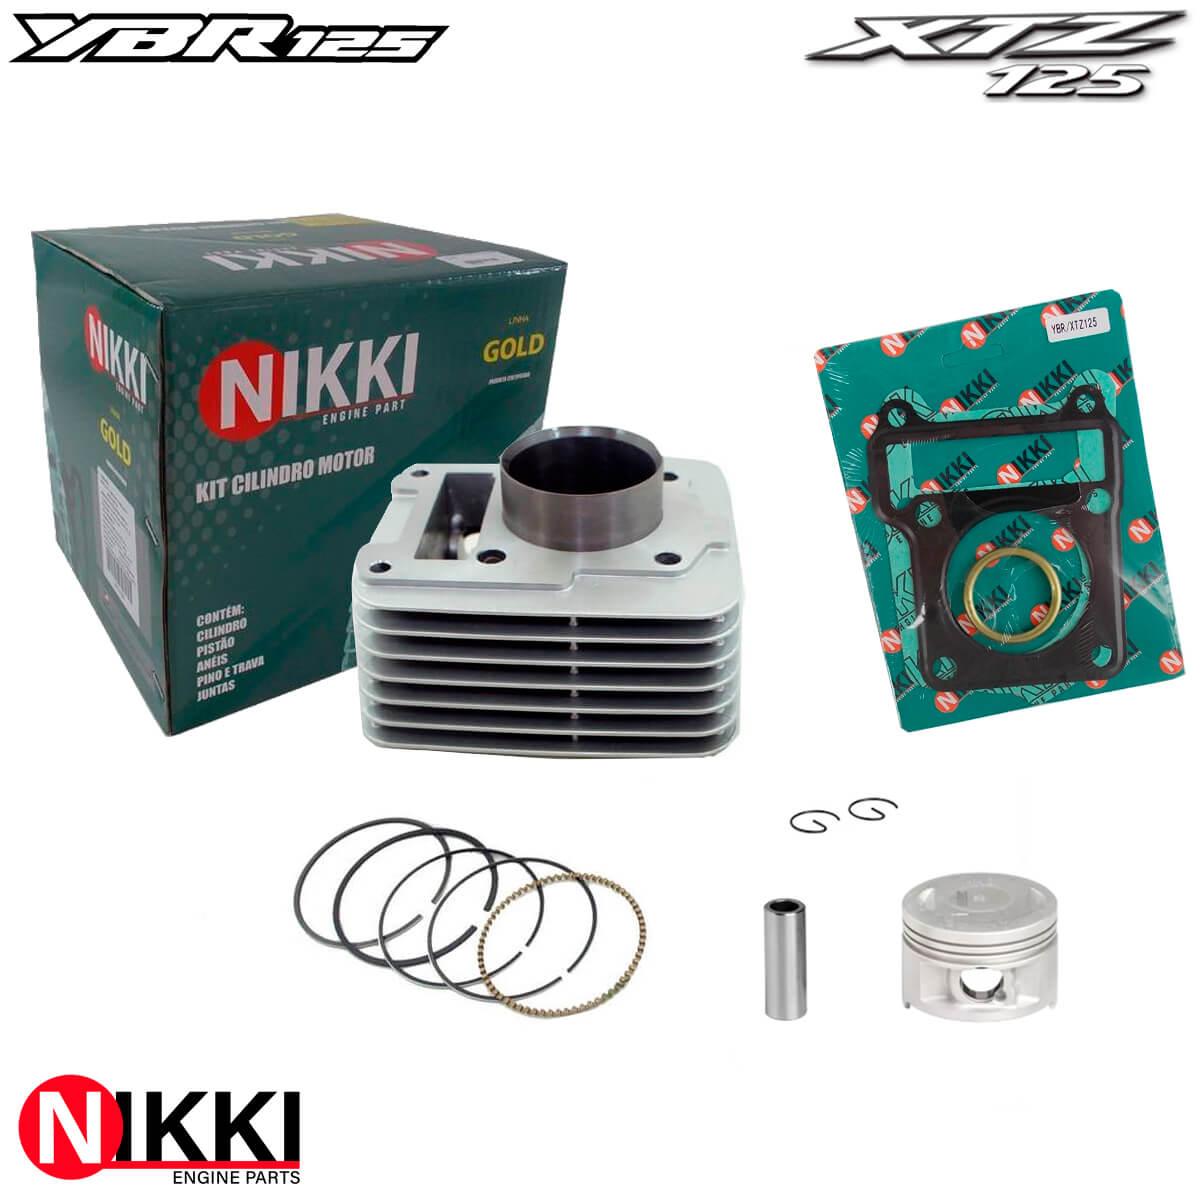 Kit Cilindro Motor YBR / Factor / XTZ 125 - NIKKI GOLD